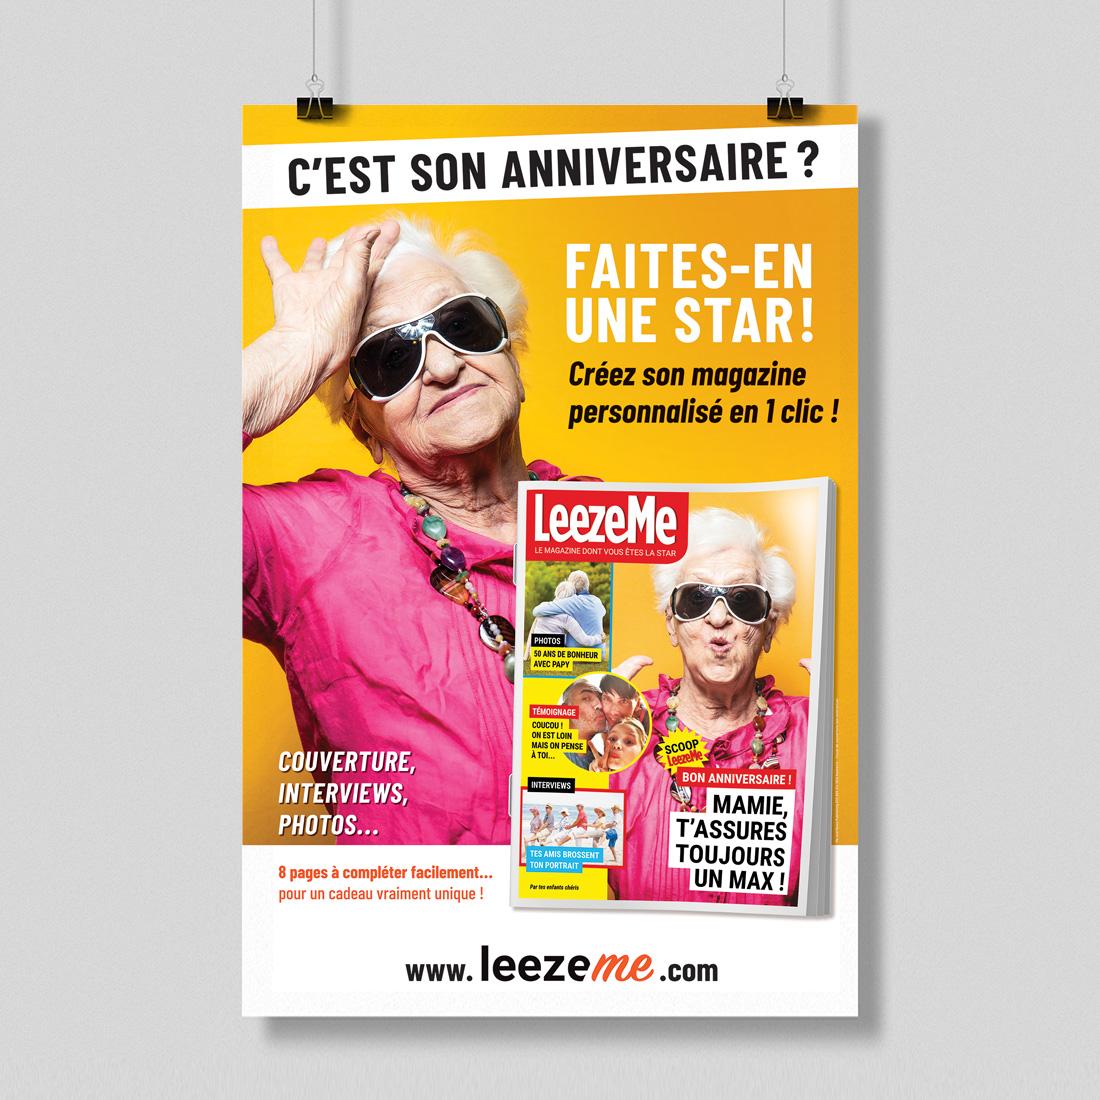 création d'affiche – Leezeme.com-0